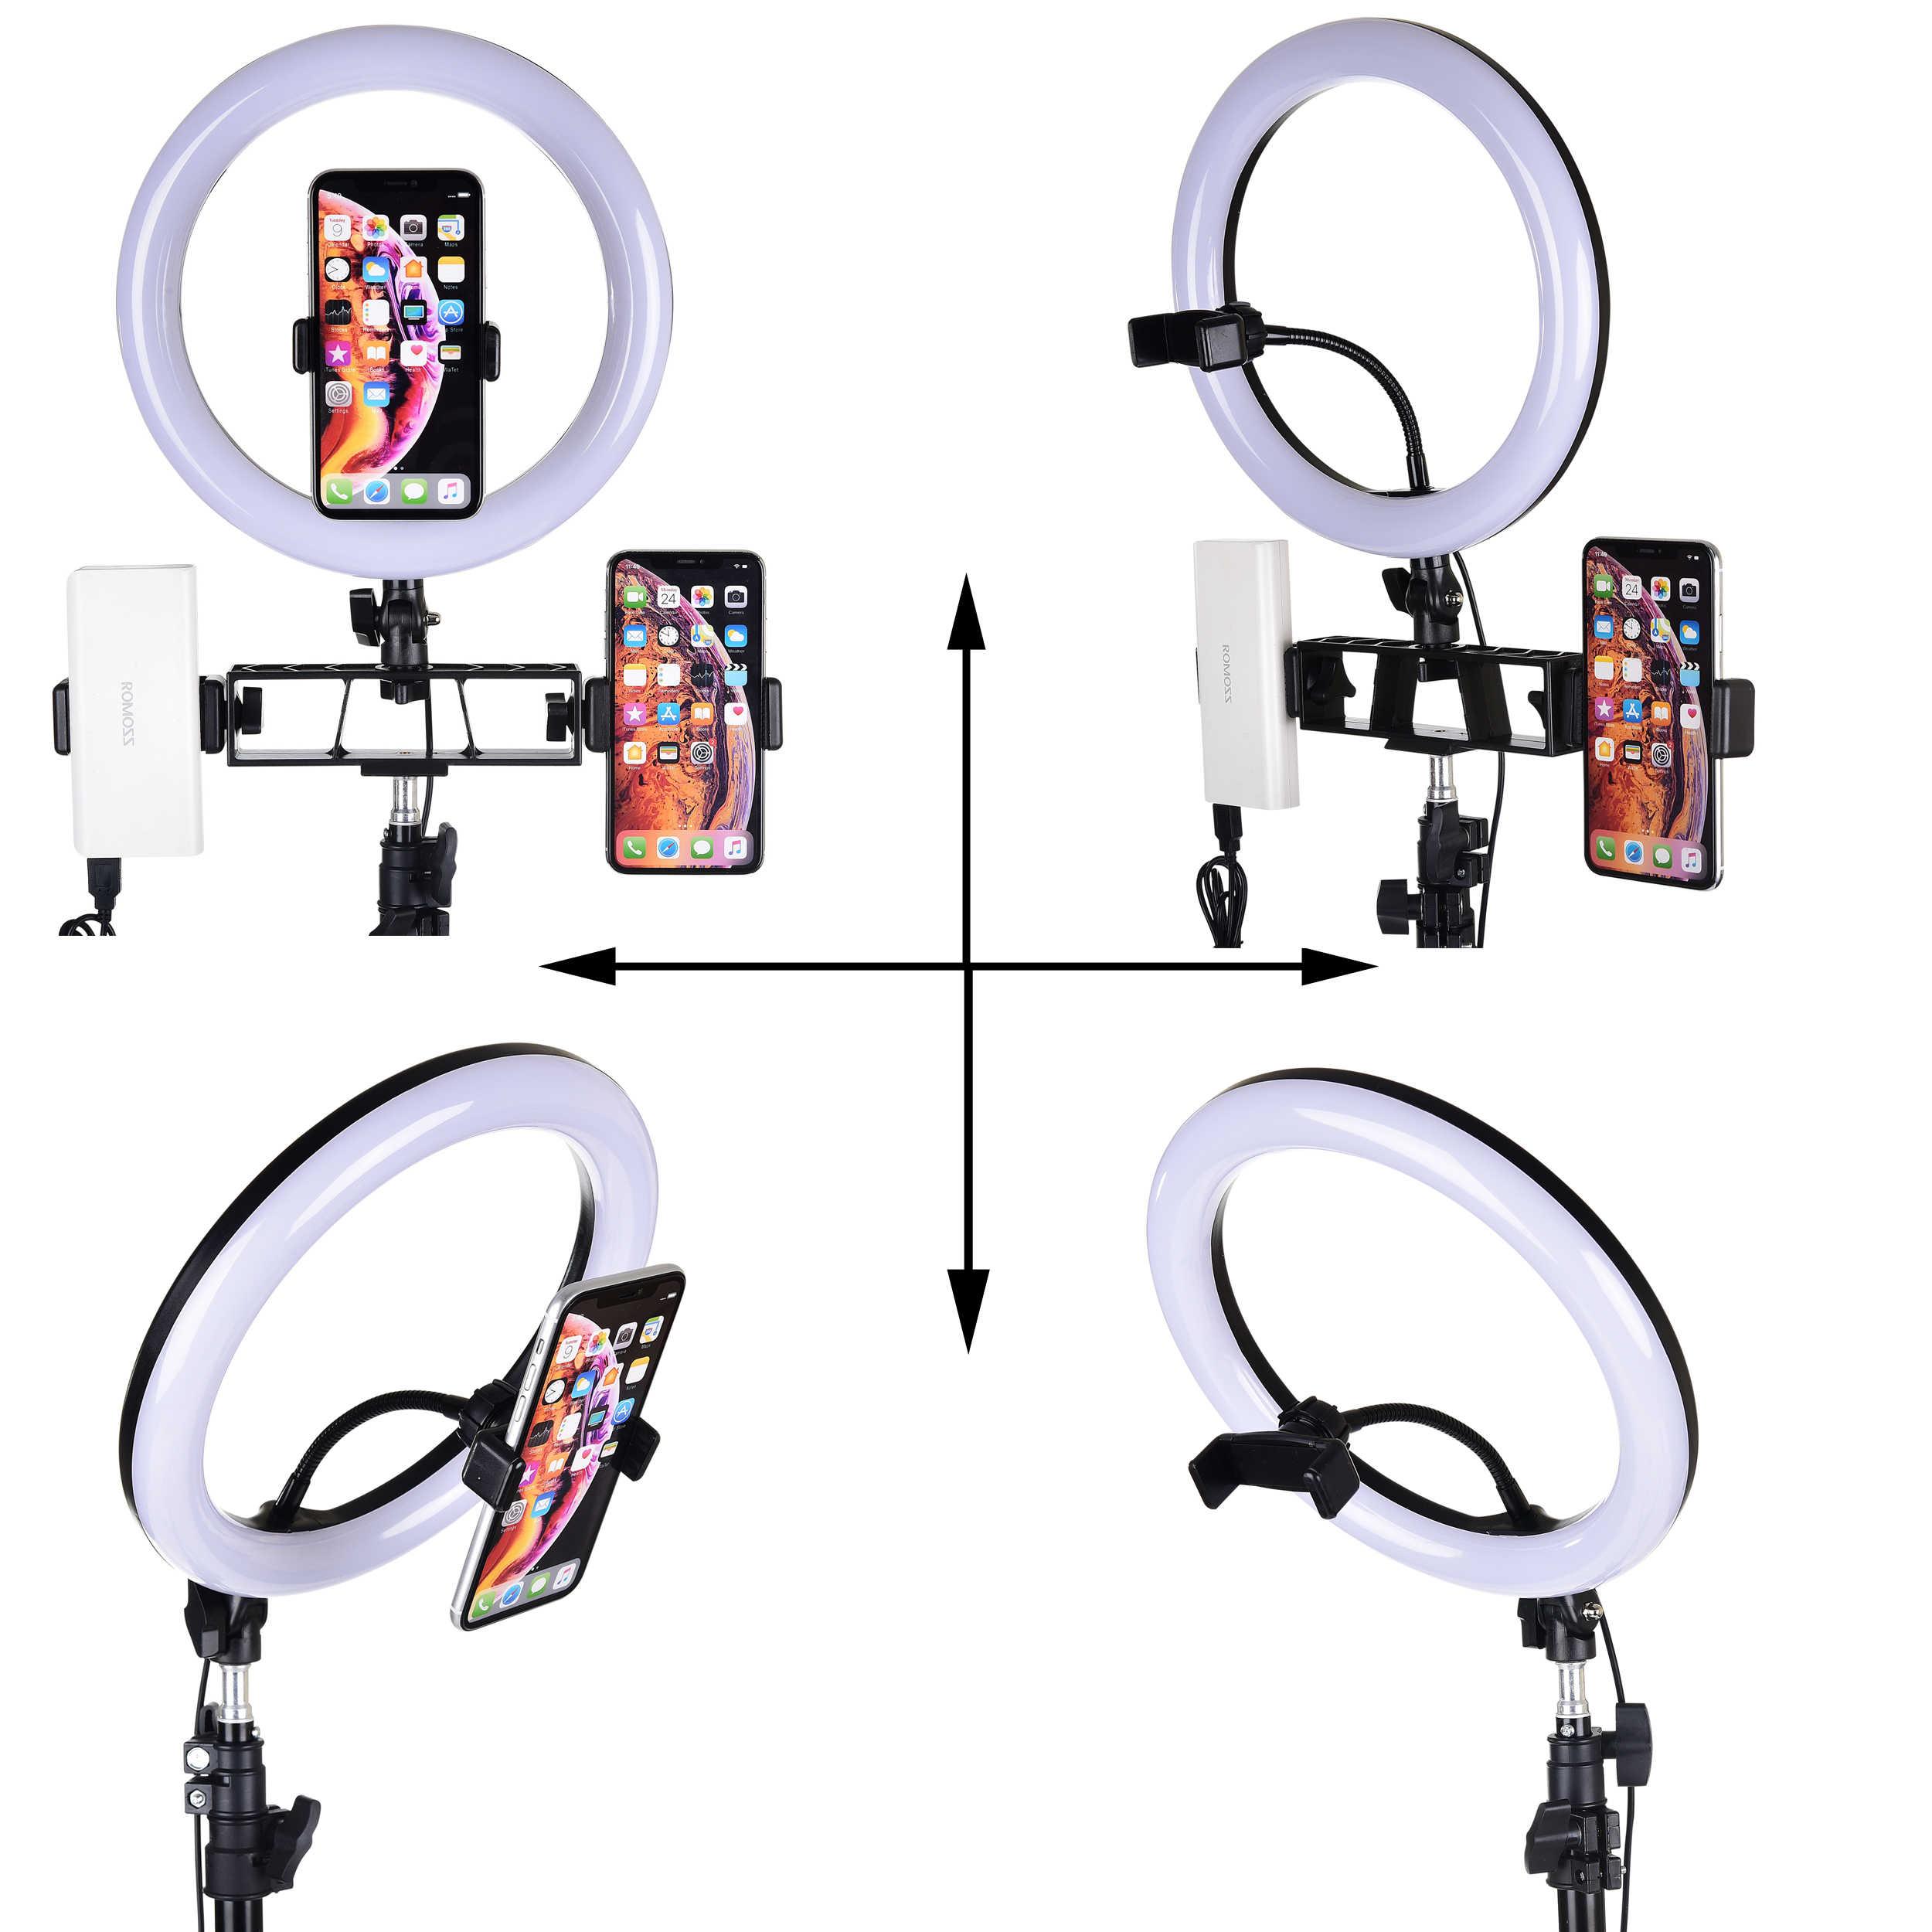 Fotografia Studio LED Anello di Luce Dimmerabile con Telecomando di Controllo per YouTube Video Trucco Lampada USB Scrivania Treppiedi Della Macchina Fotografica Illuminazione Anulare